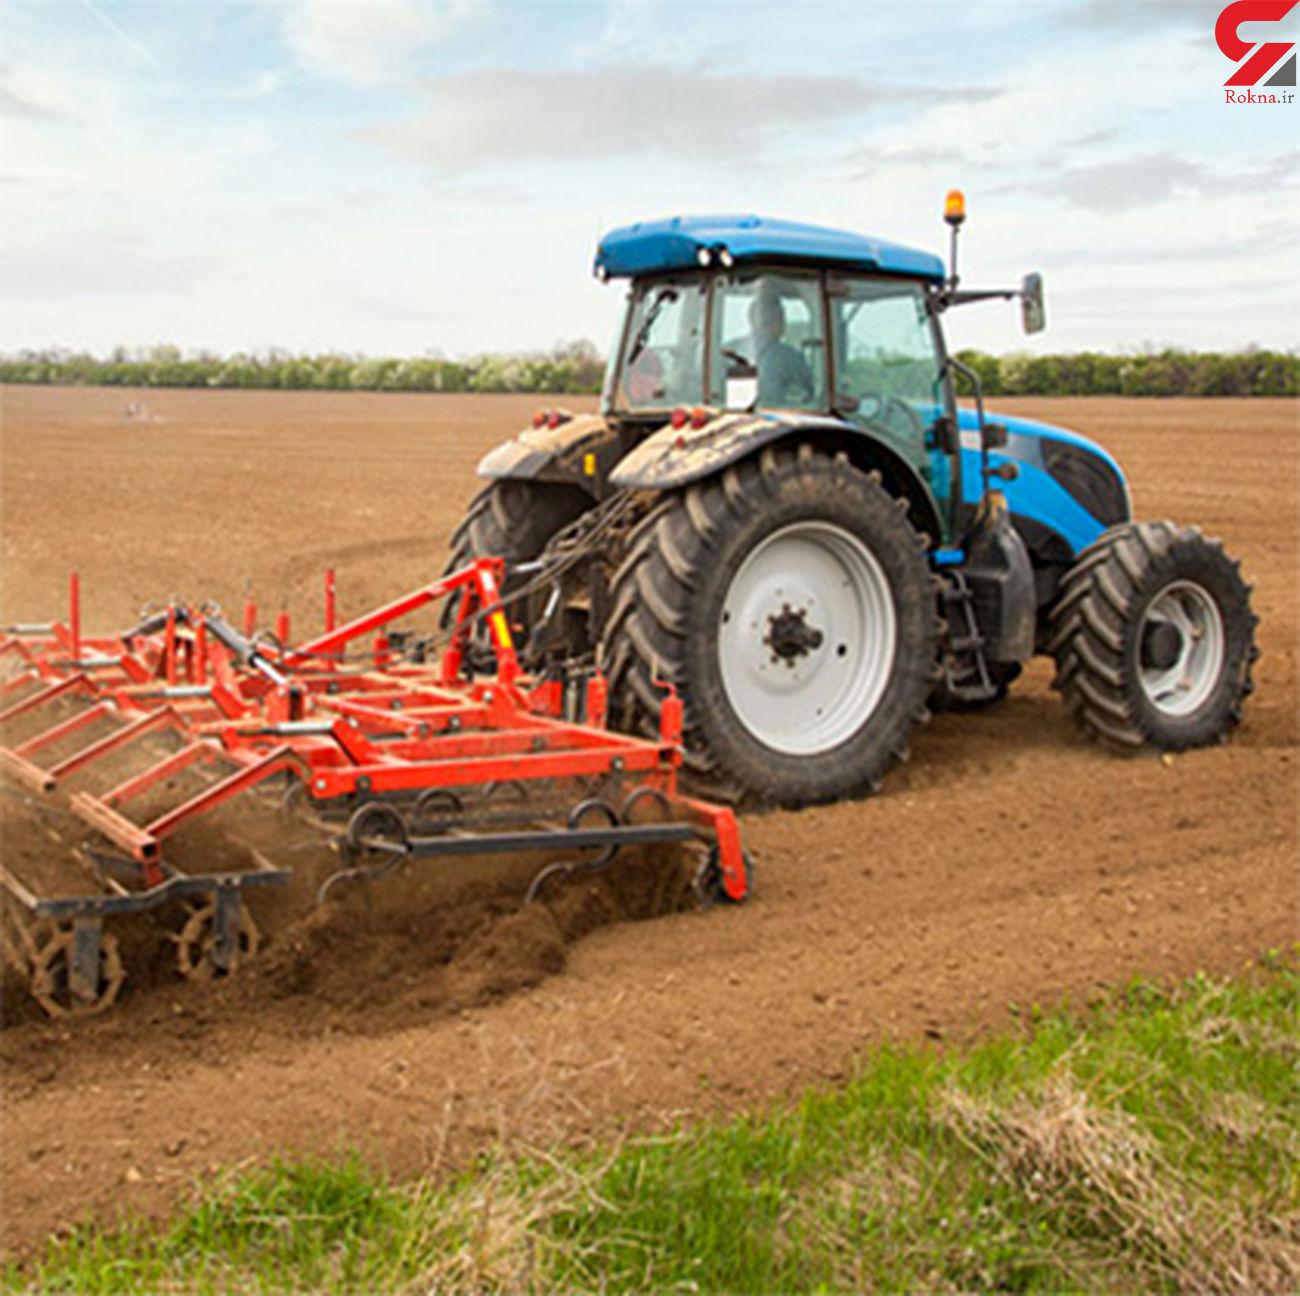 سهمیه سوخت ادوات کشاورزی فاقد پلاک قطع می شود